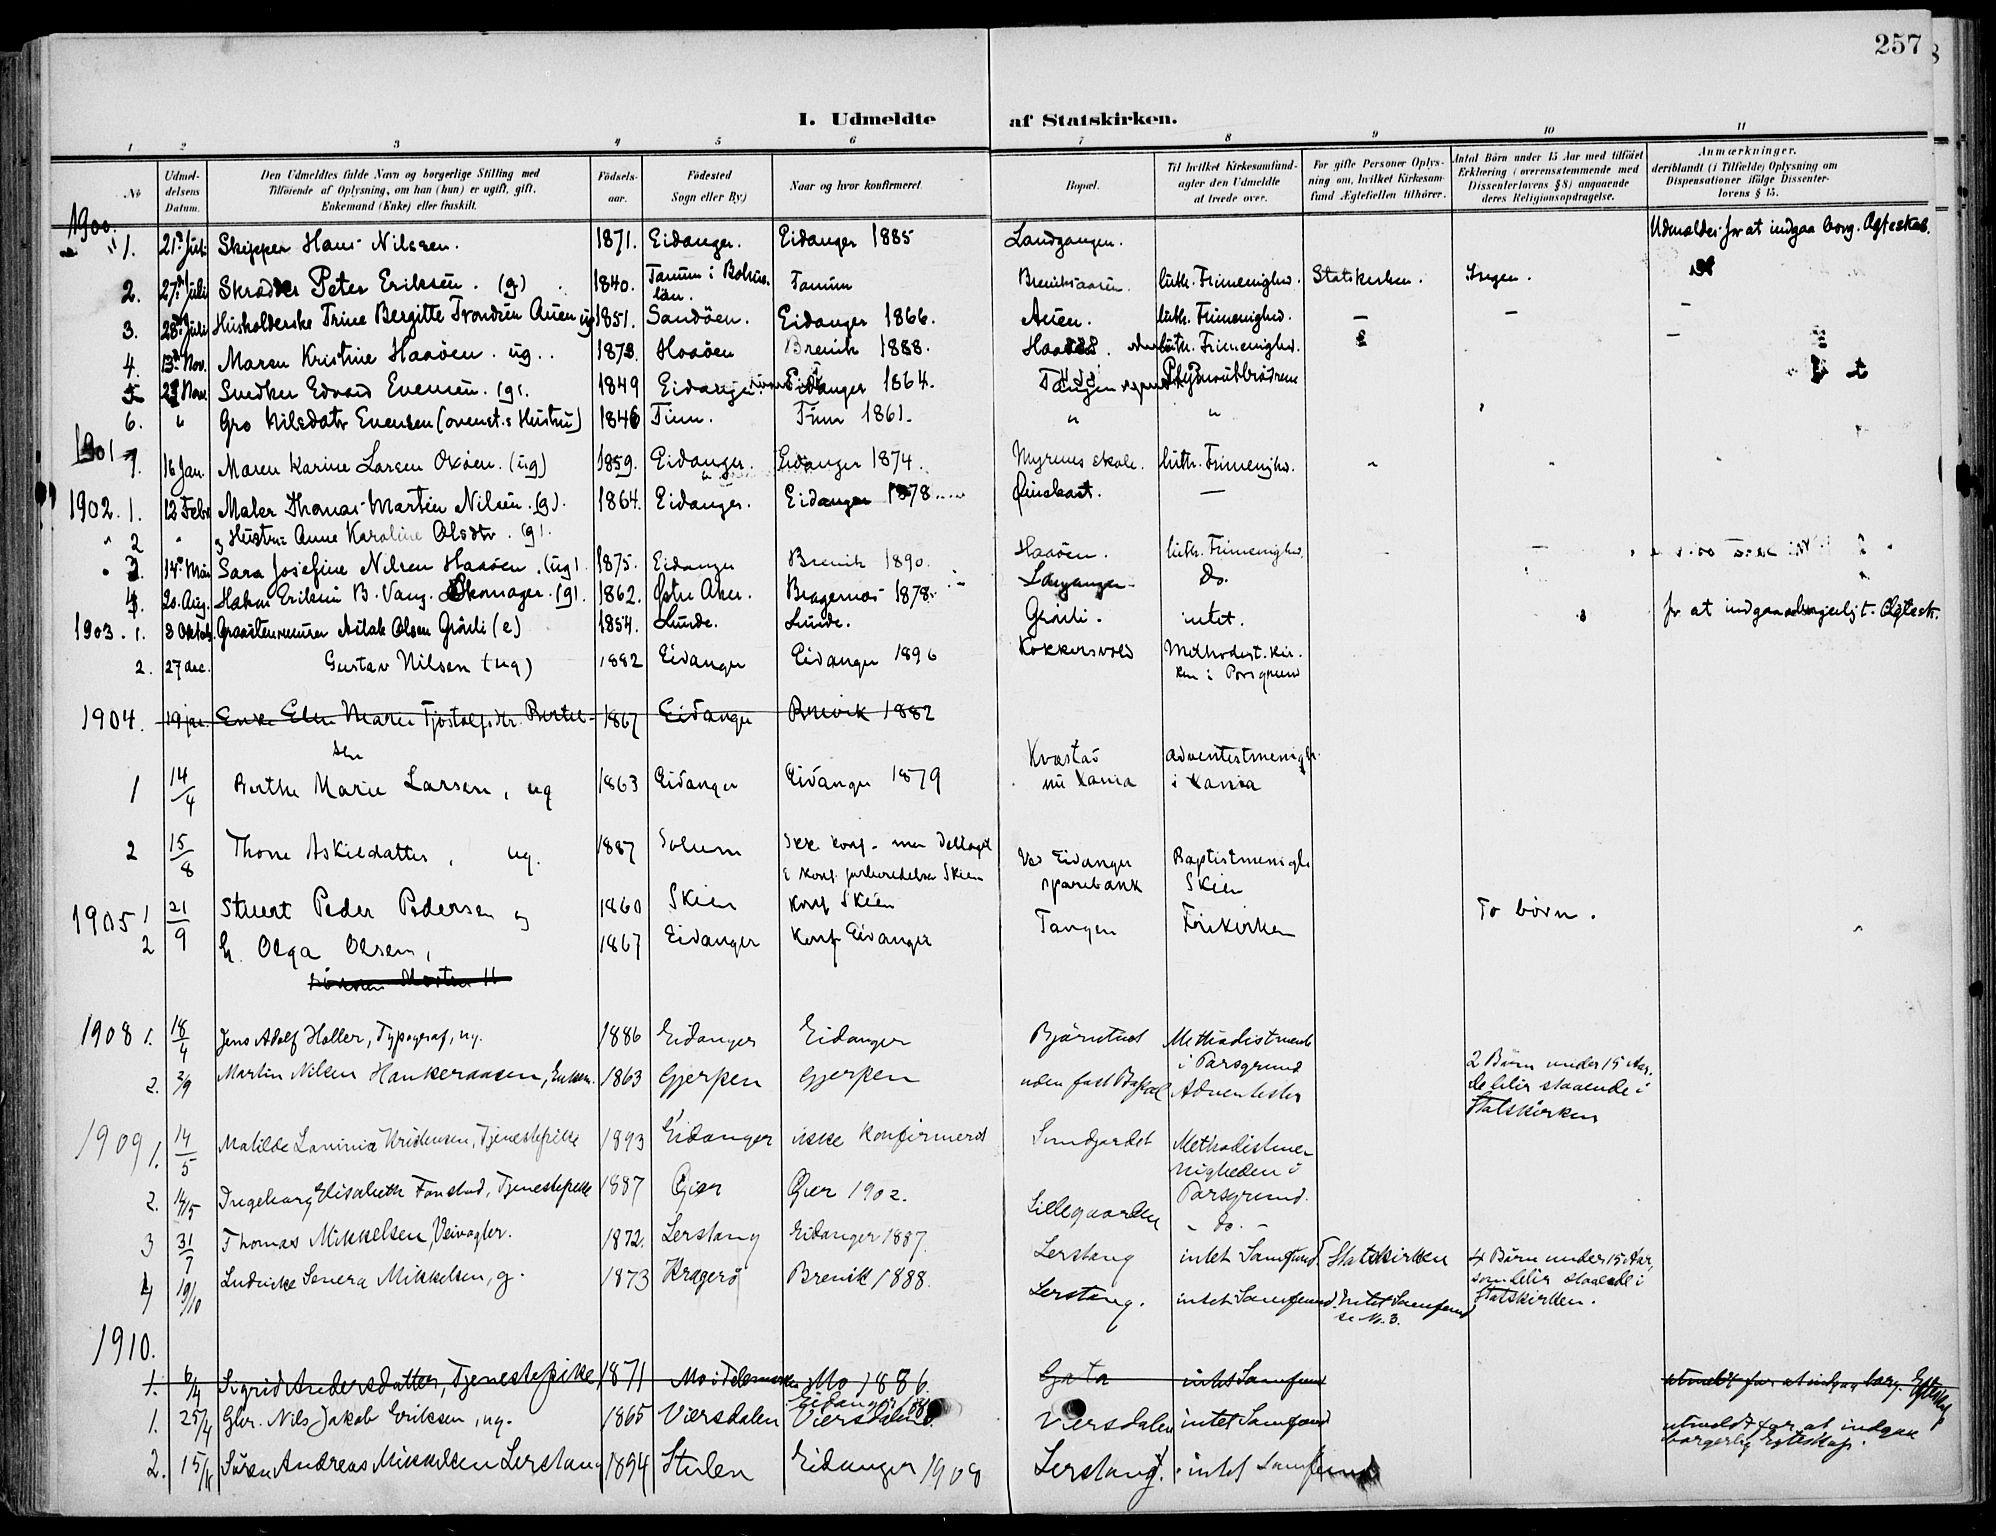 SAKO, Eidanger kirkebøker, F/Fa/L0013: Ministerialbok nr. 13, 1900-1913, s. 257